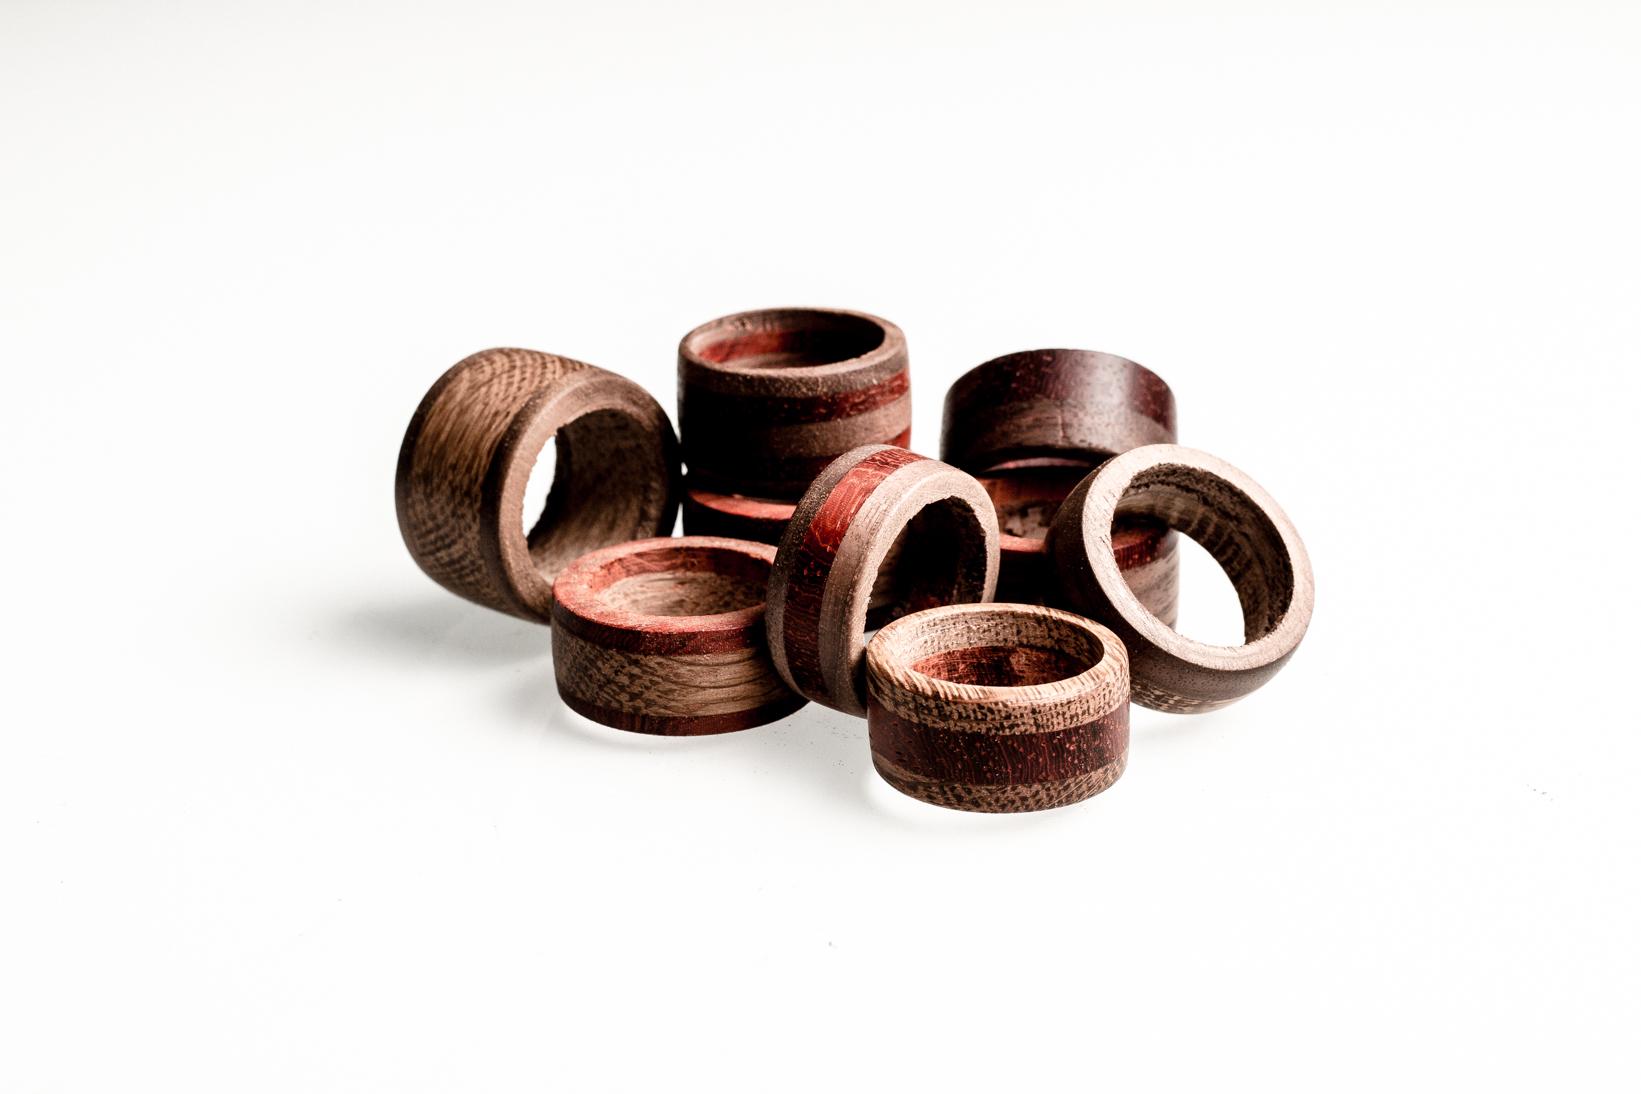 Favoriete Houten sieraden: handgemaakte ringen, kettinghangers en armbanden #NI69